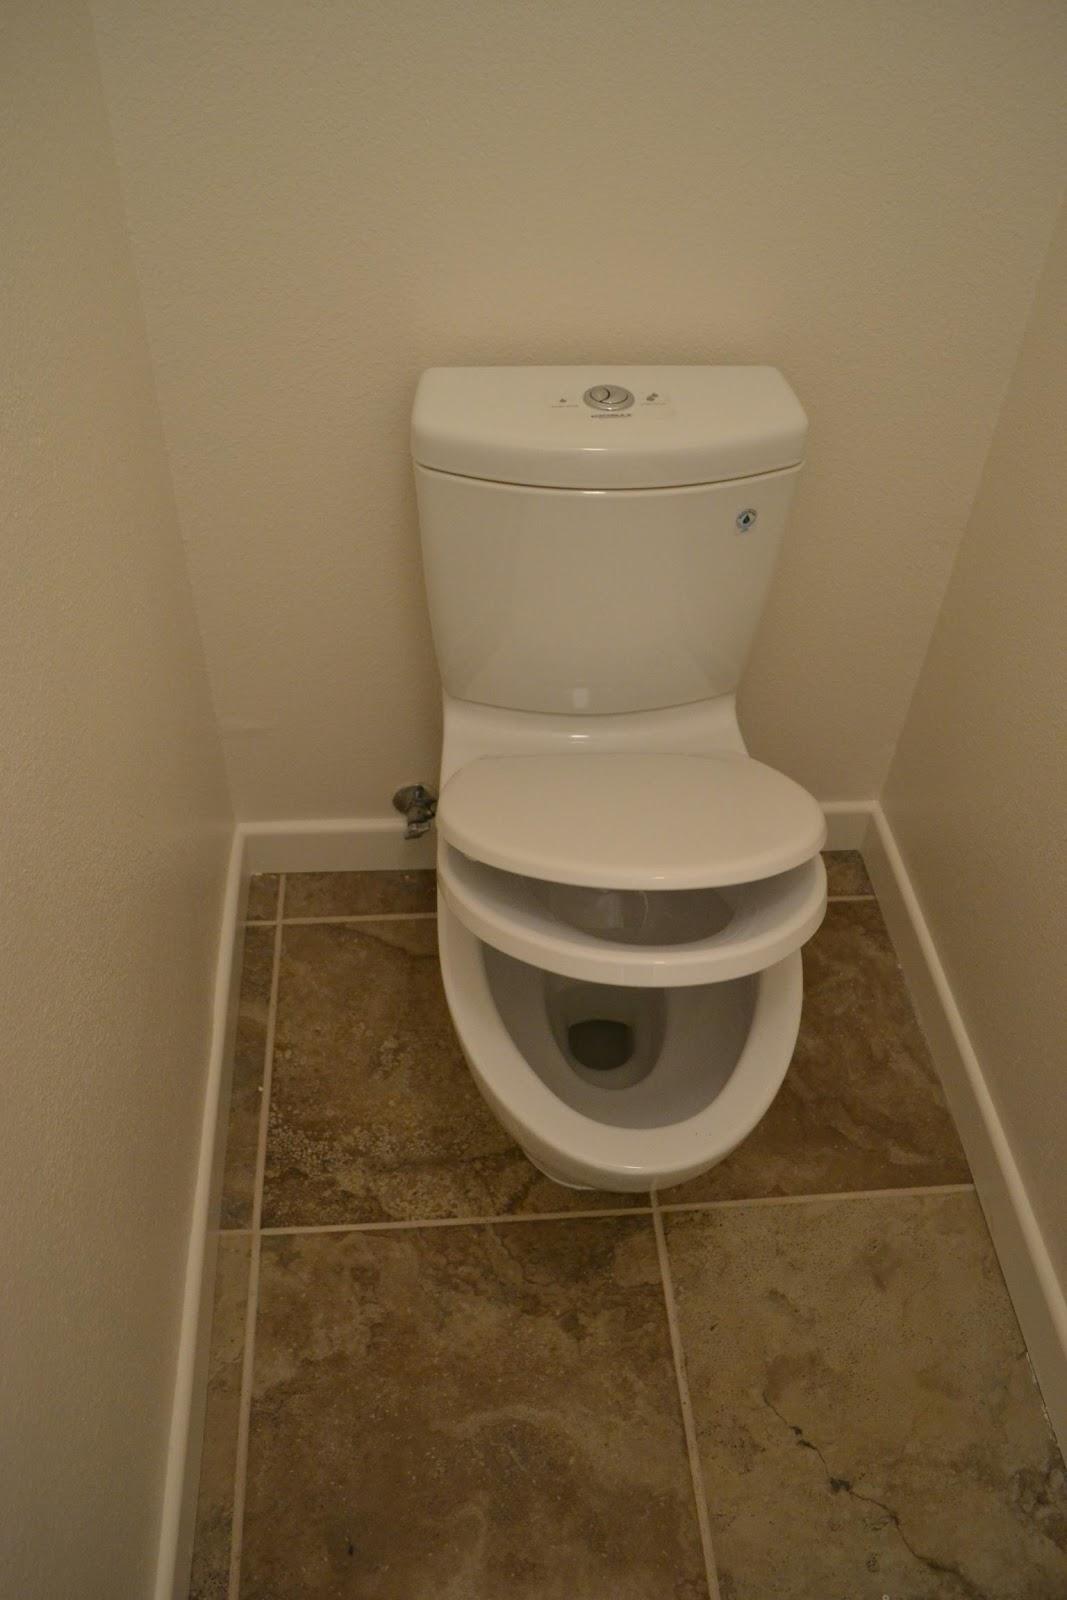 Vita a san diego 1043 il bagno dettagli - Tazza del bagno ...